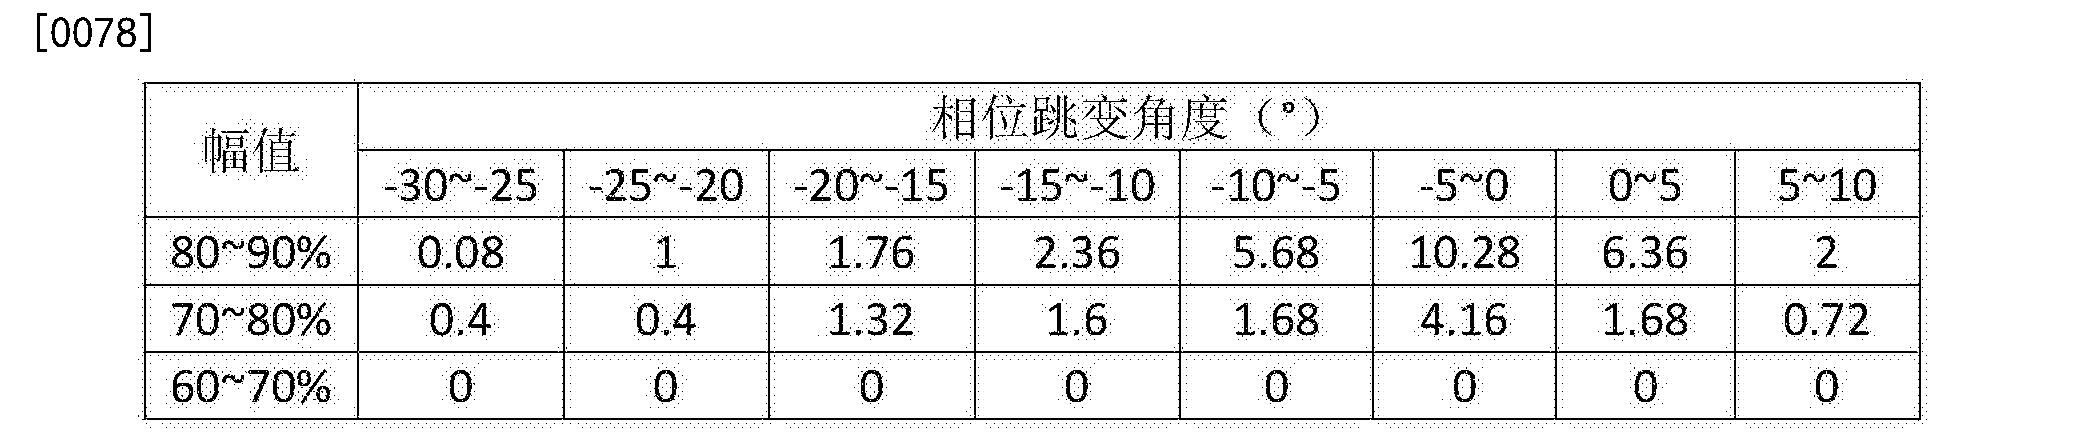 Figure CN105699848BD00102